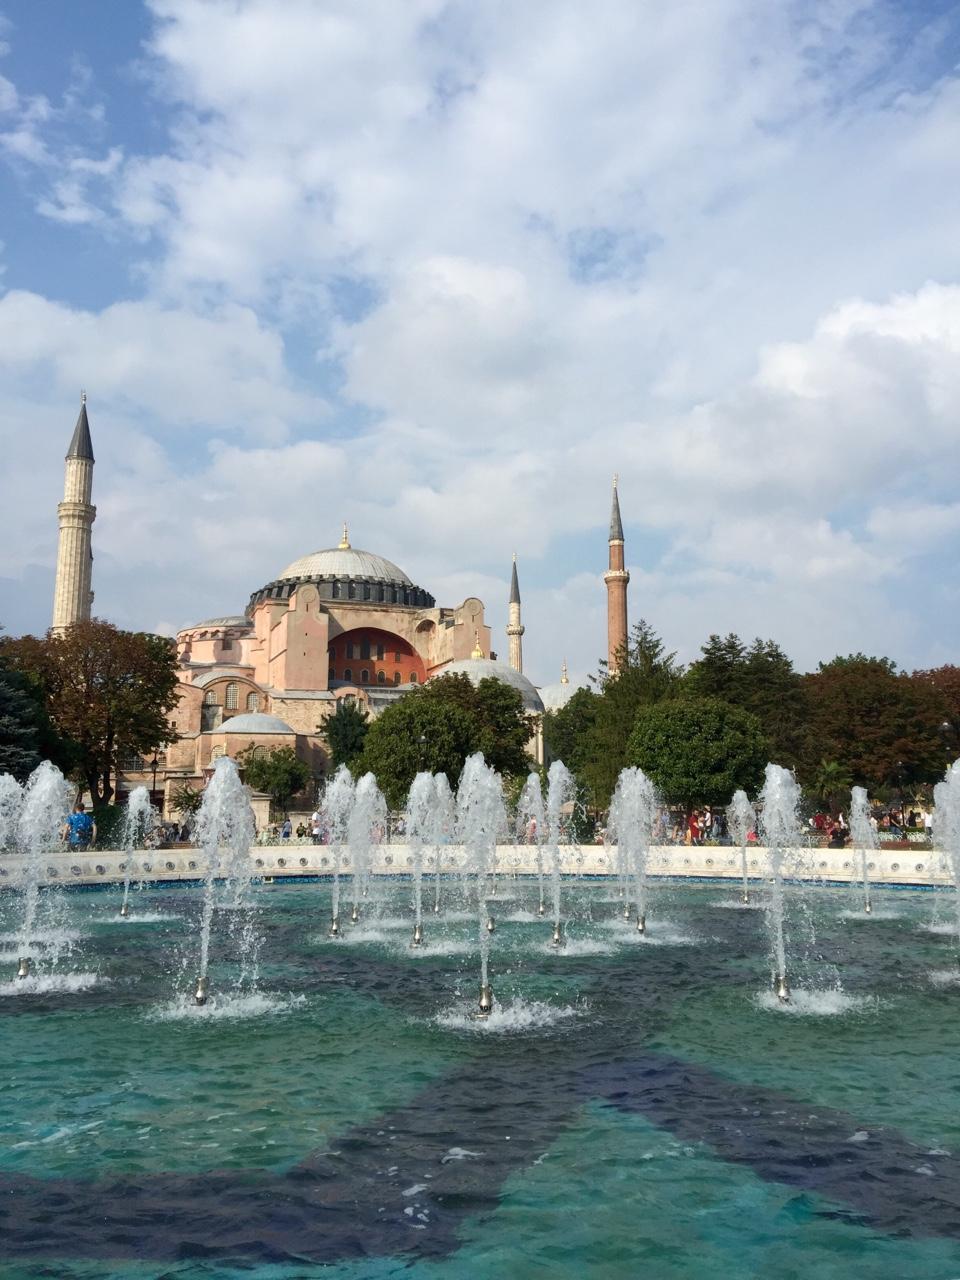 Hagia Sophia (from Sultanahmet Square) - Istanbul, Turkey